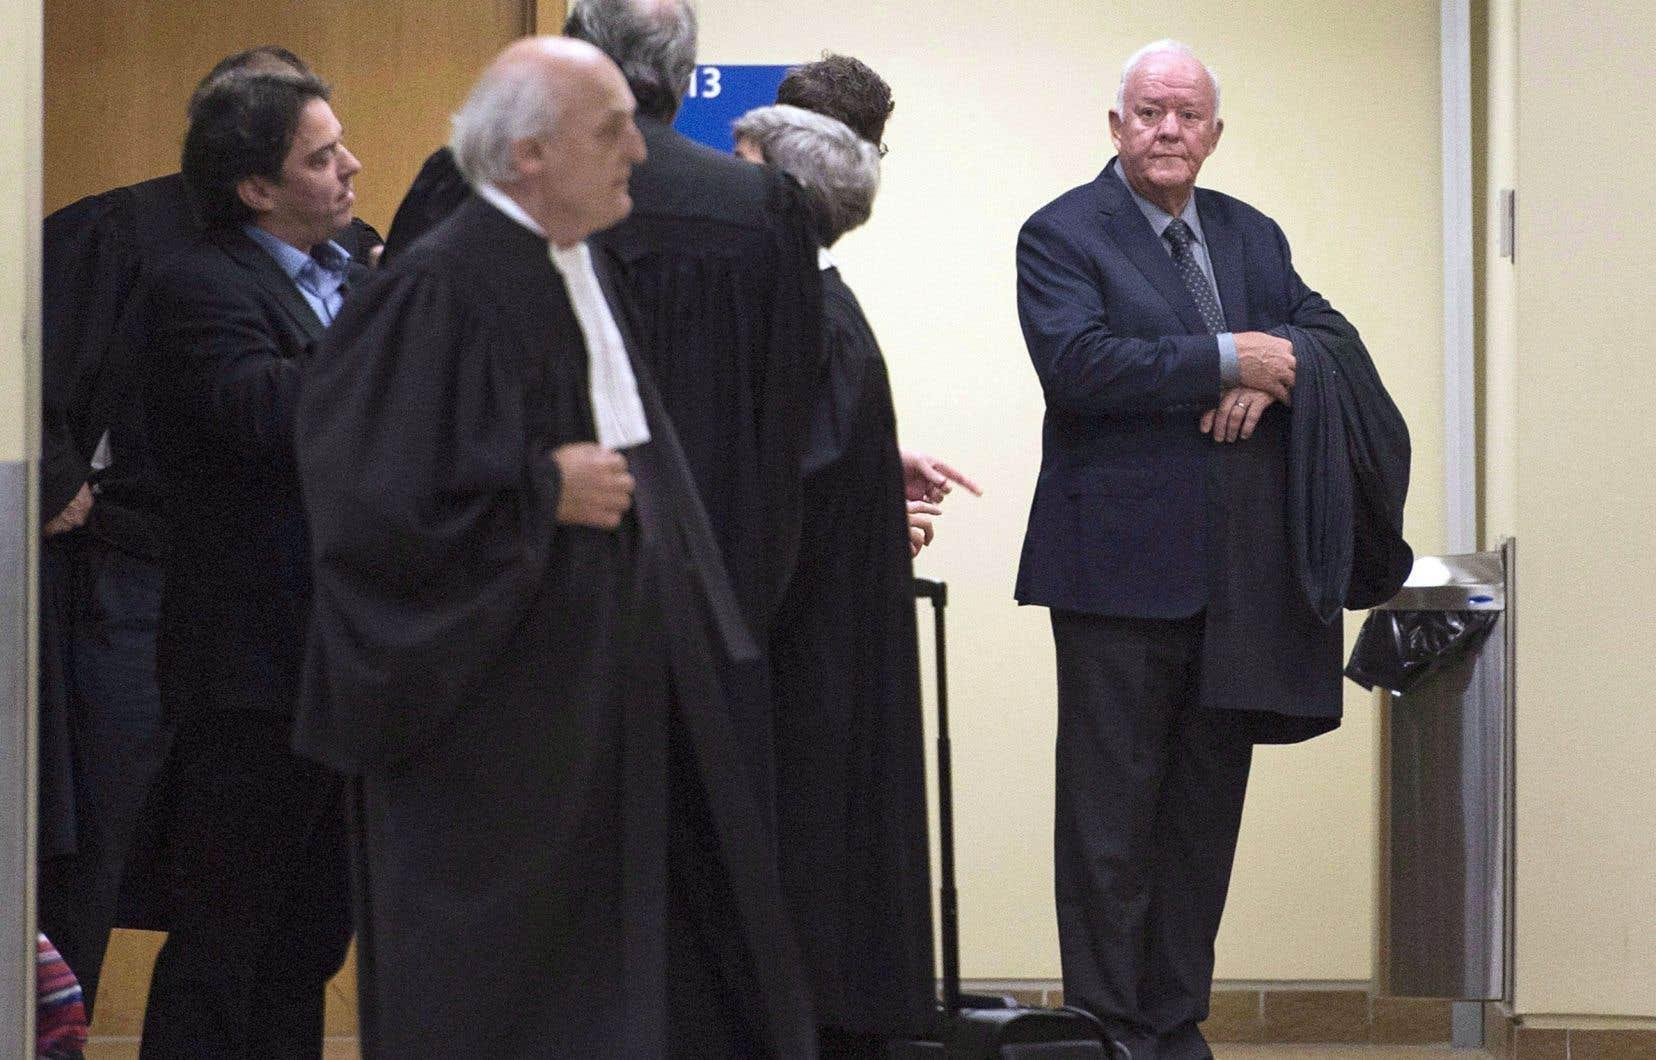 L'avocat de l'ancien ministre Marc-Yvan Côté, que l'on voit ici (à droite) au palais de justice de Québec, a échoué dans sa tentative de faire témoigner deux journalistes pour identifier leurs sources d'information.